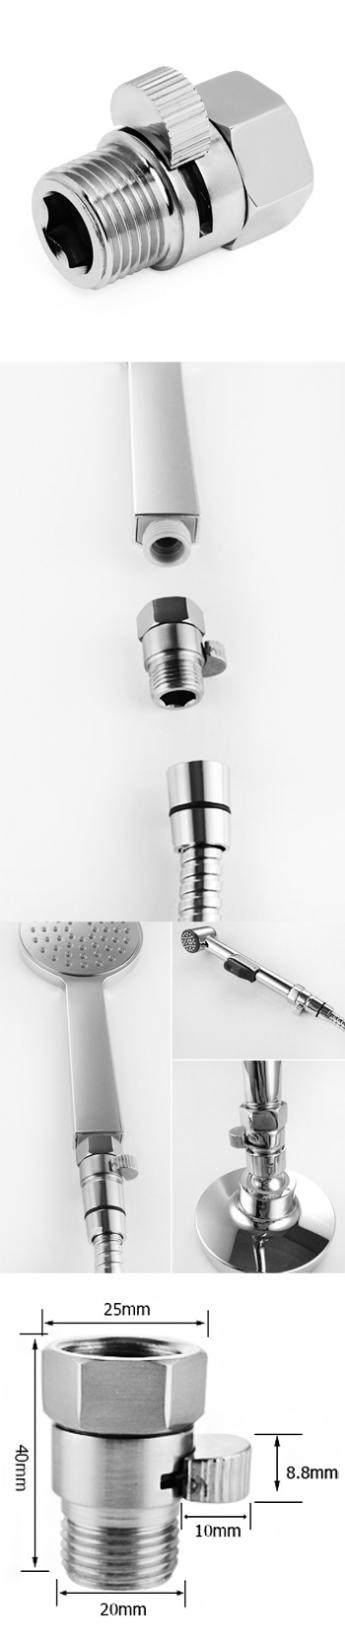 Кран хром мини (тонкой настройки) SM-2001 1/2″ х 1/2″ FM